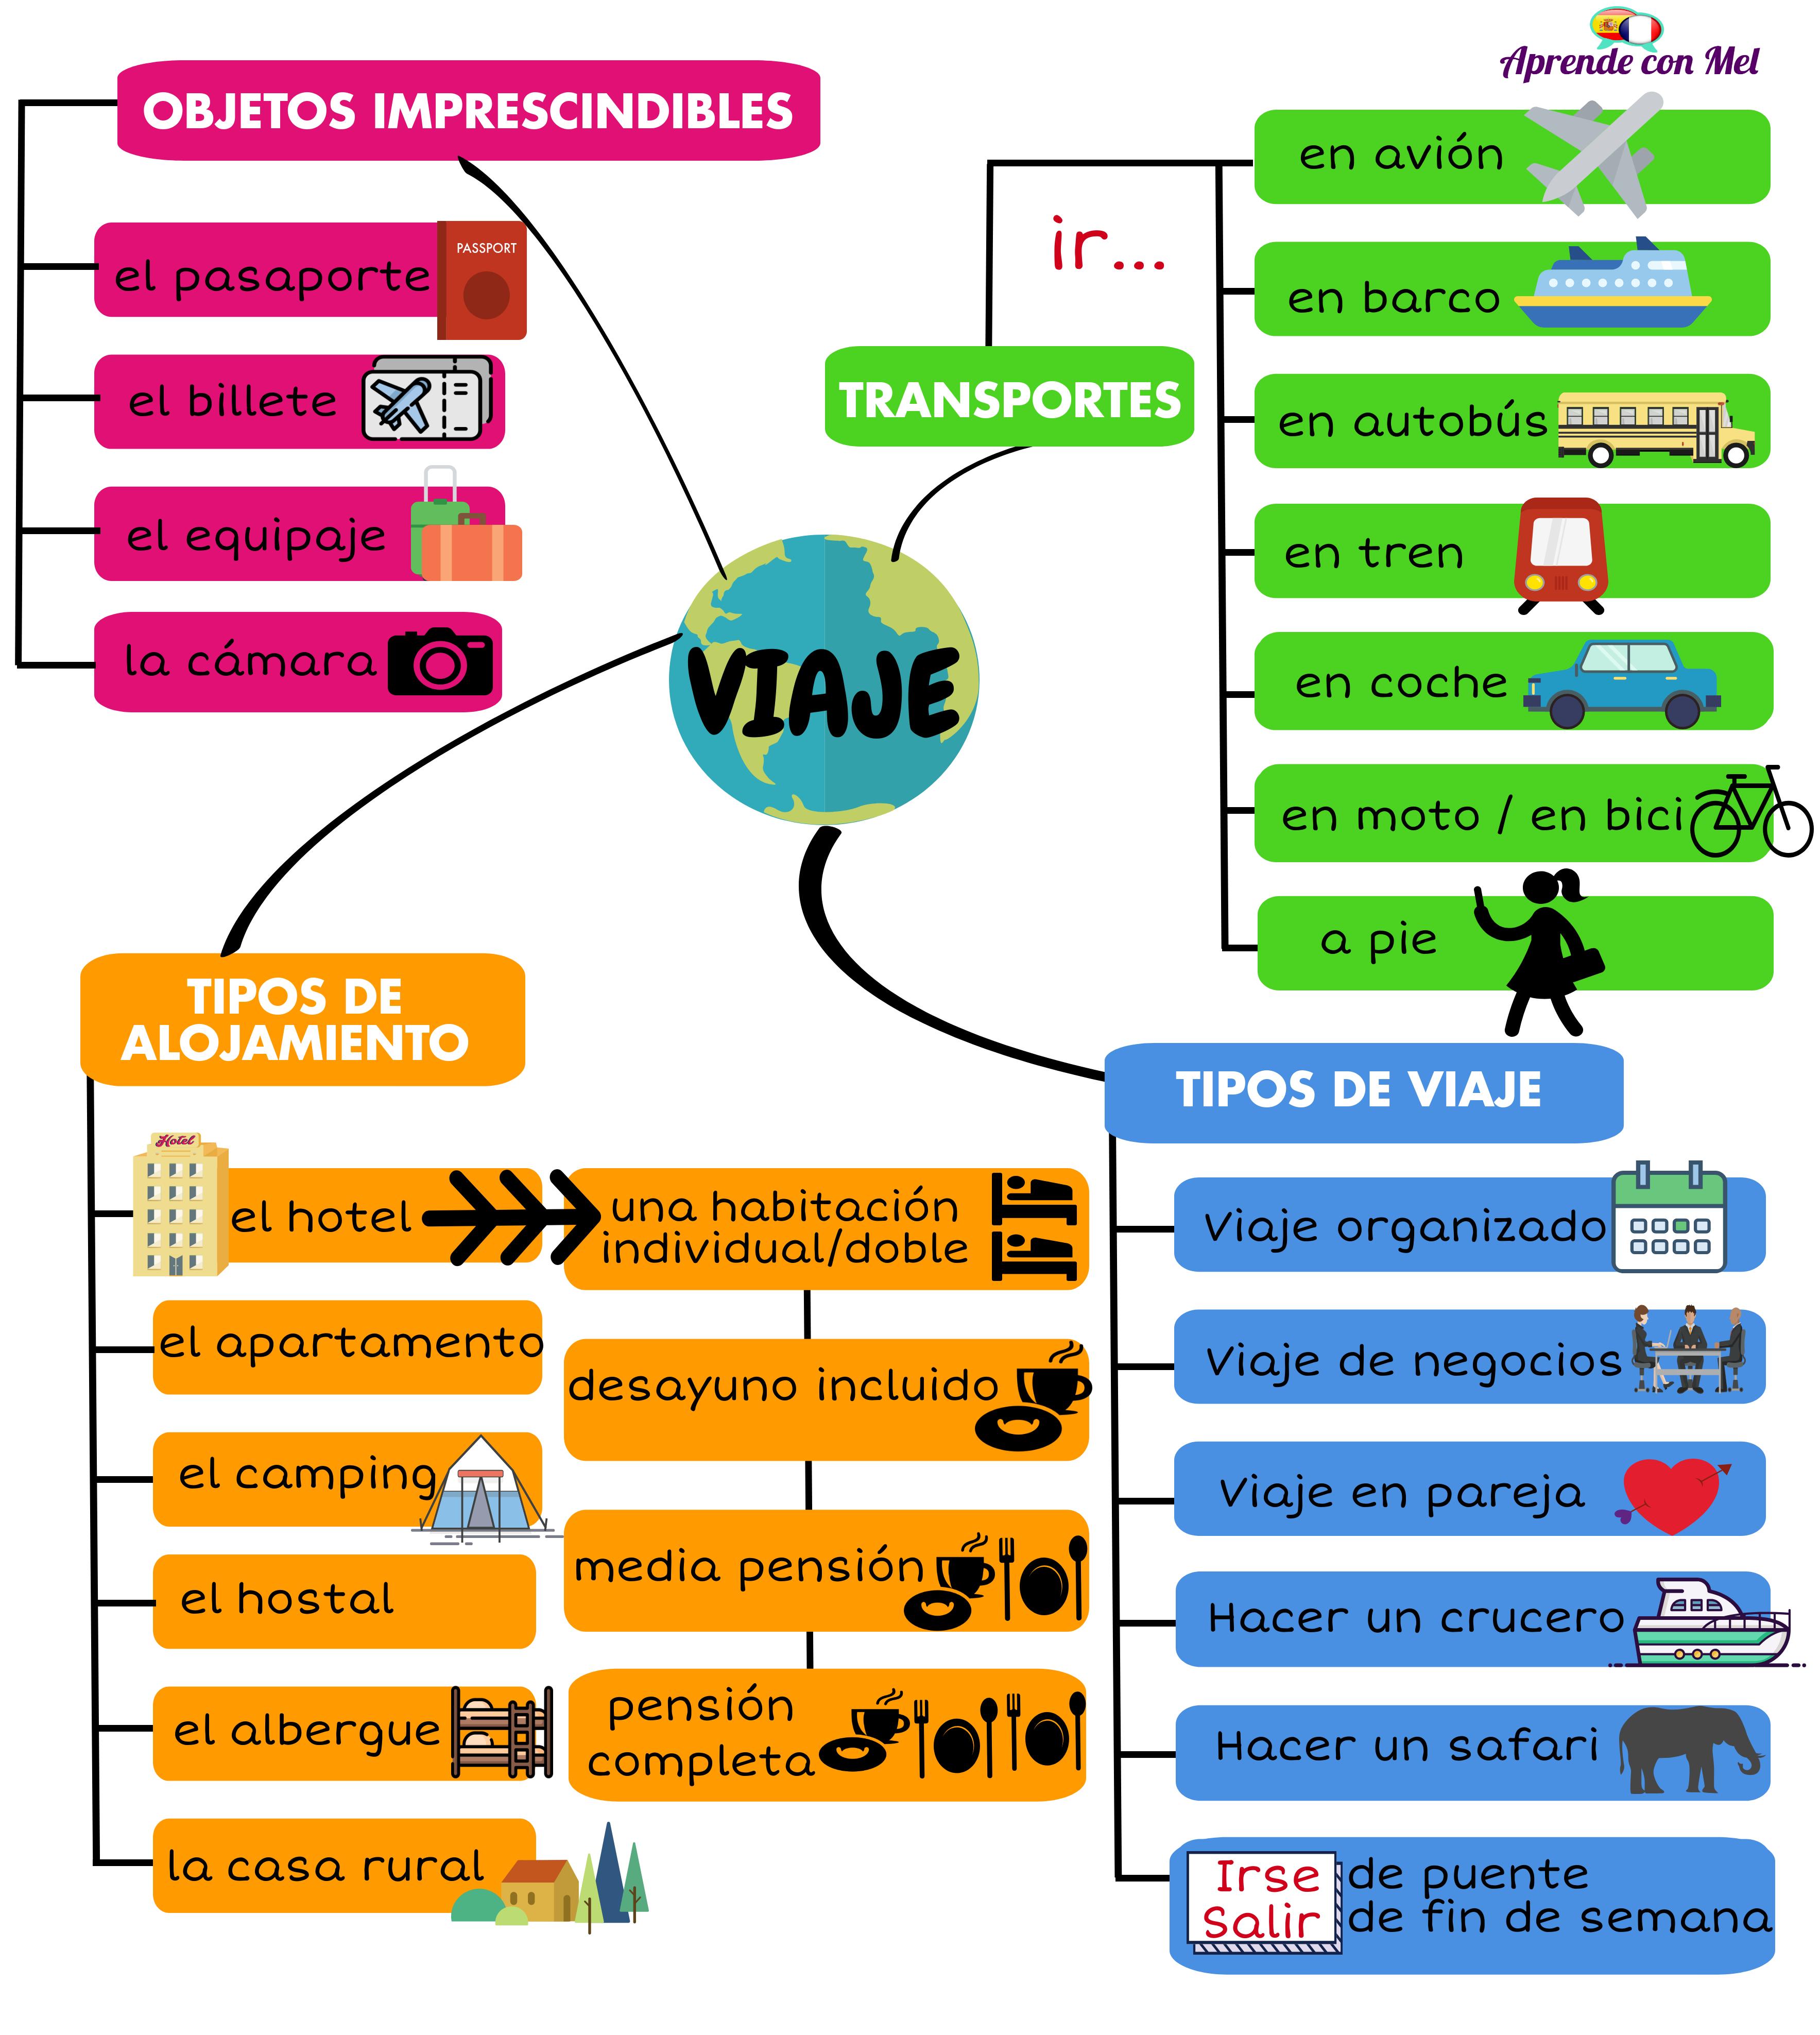 Vámonos De Viaje Vocabulario Básico Ejercicios Para Aprender Español Vocabulario Español Vocabulario